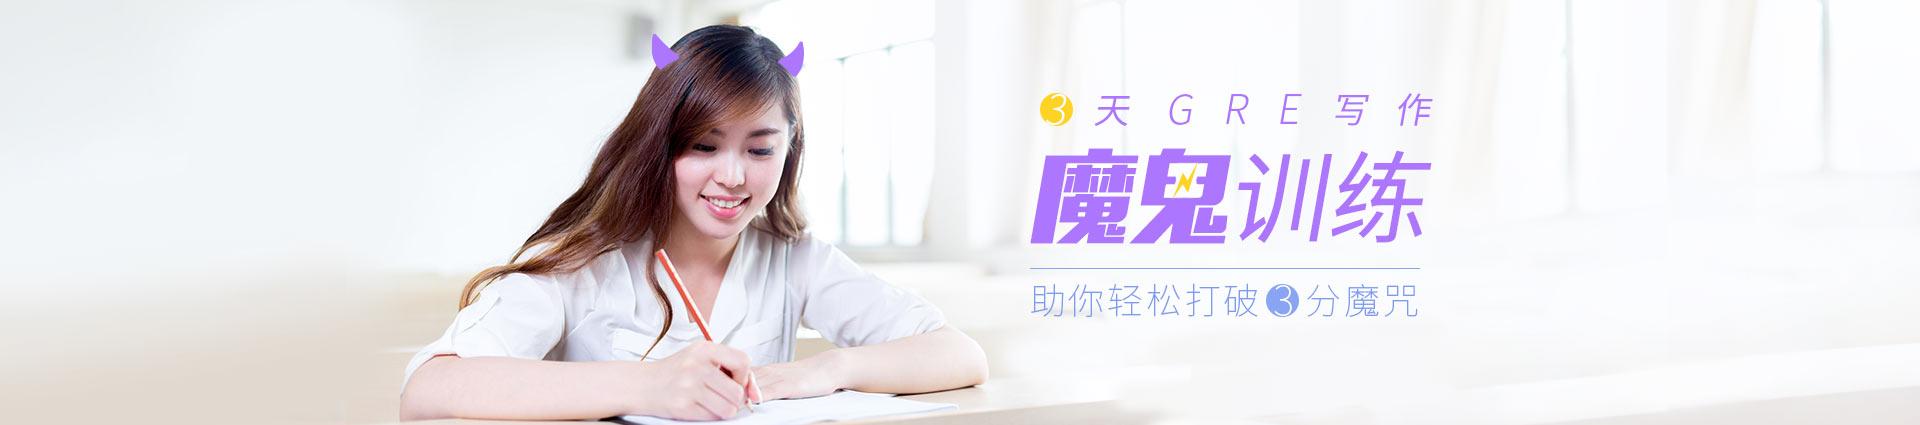 """3天GRE写作""""魔鬼""""训练"""